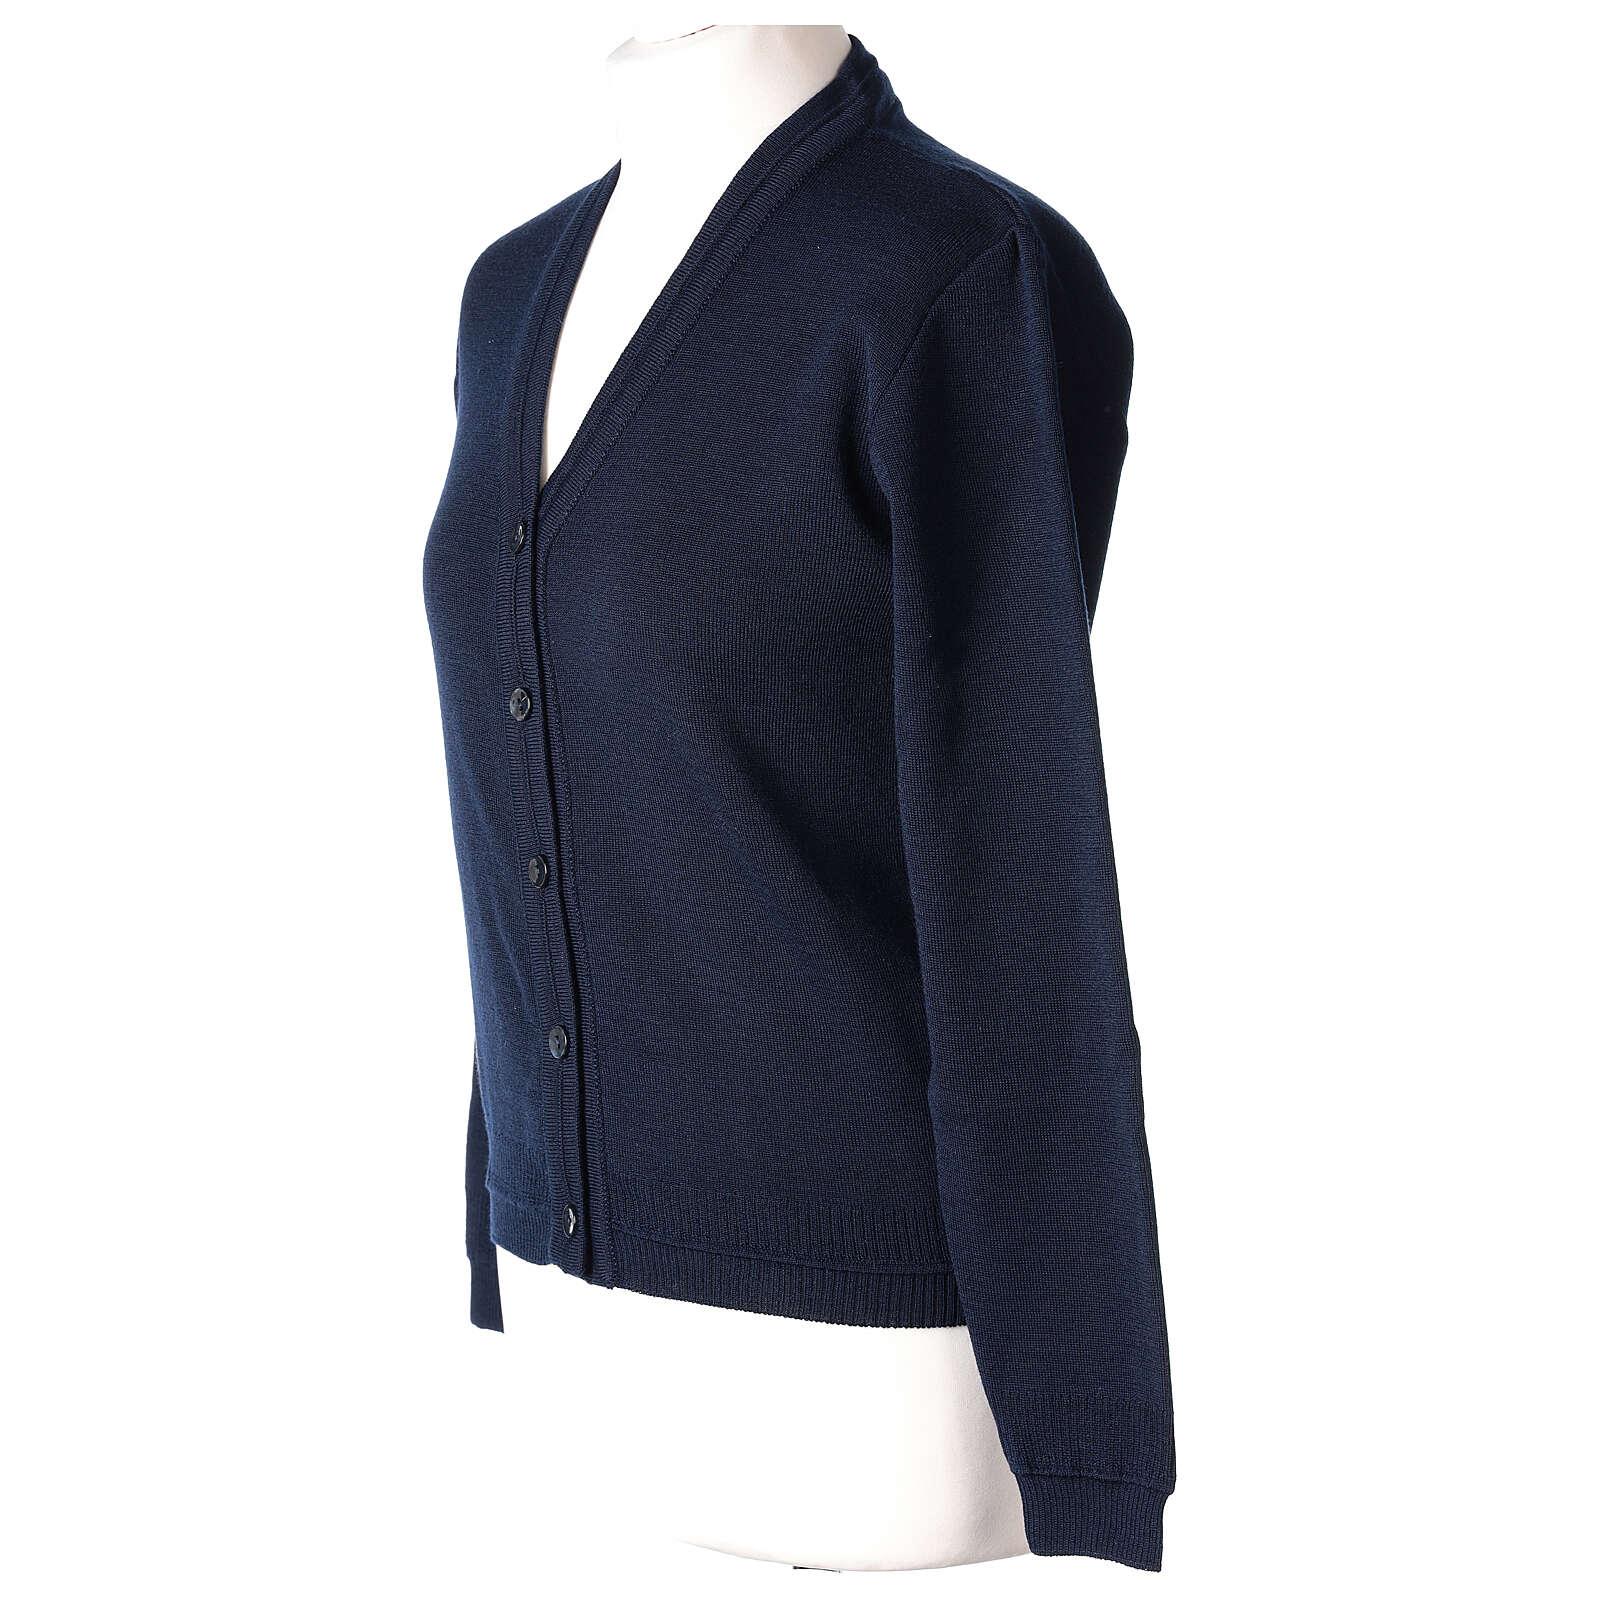 Cardigan court bleu 50% laine mérinos 50% acrylique soeur In Primis 4